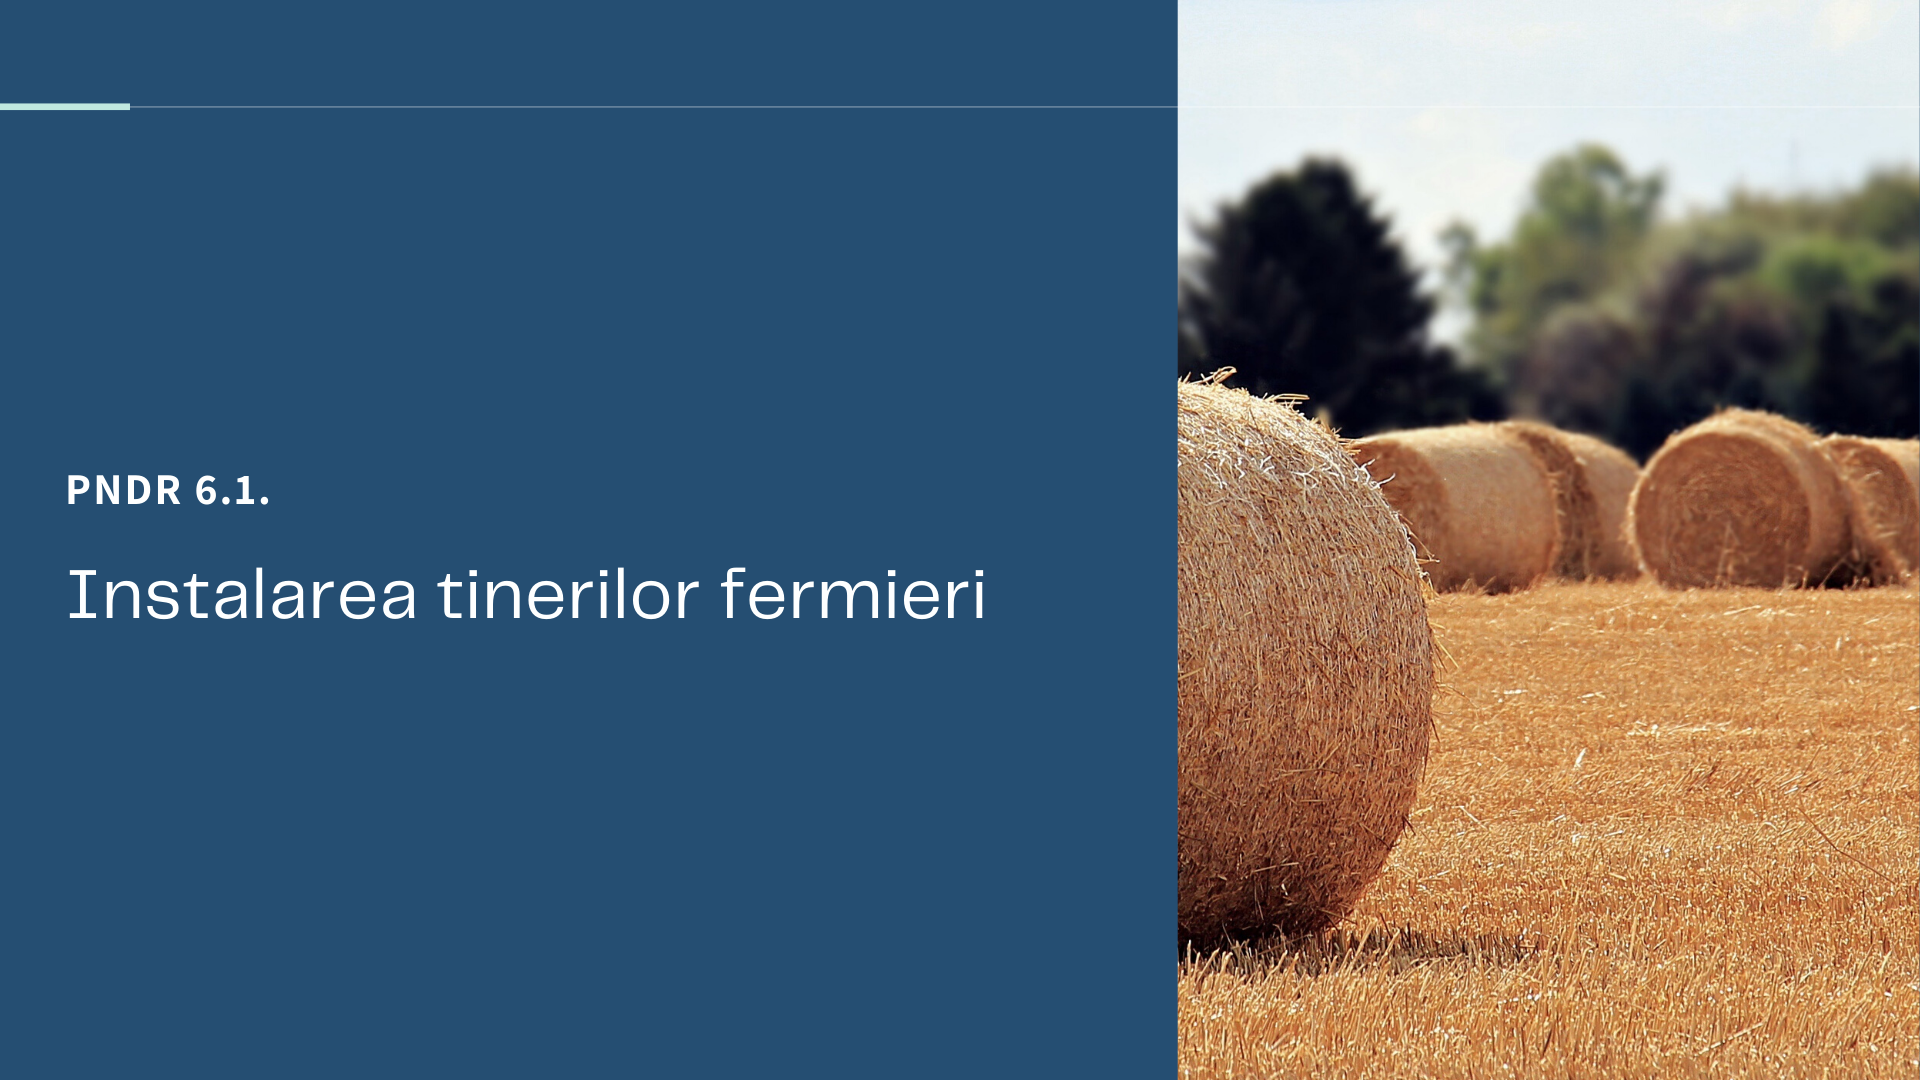 PNDR 6.1 Instalarea tinerilor fermieri